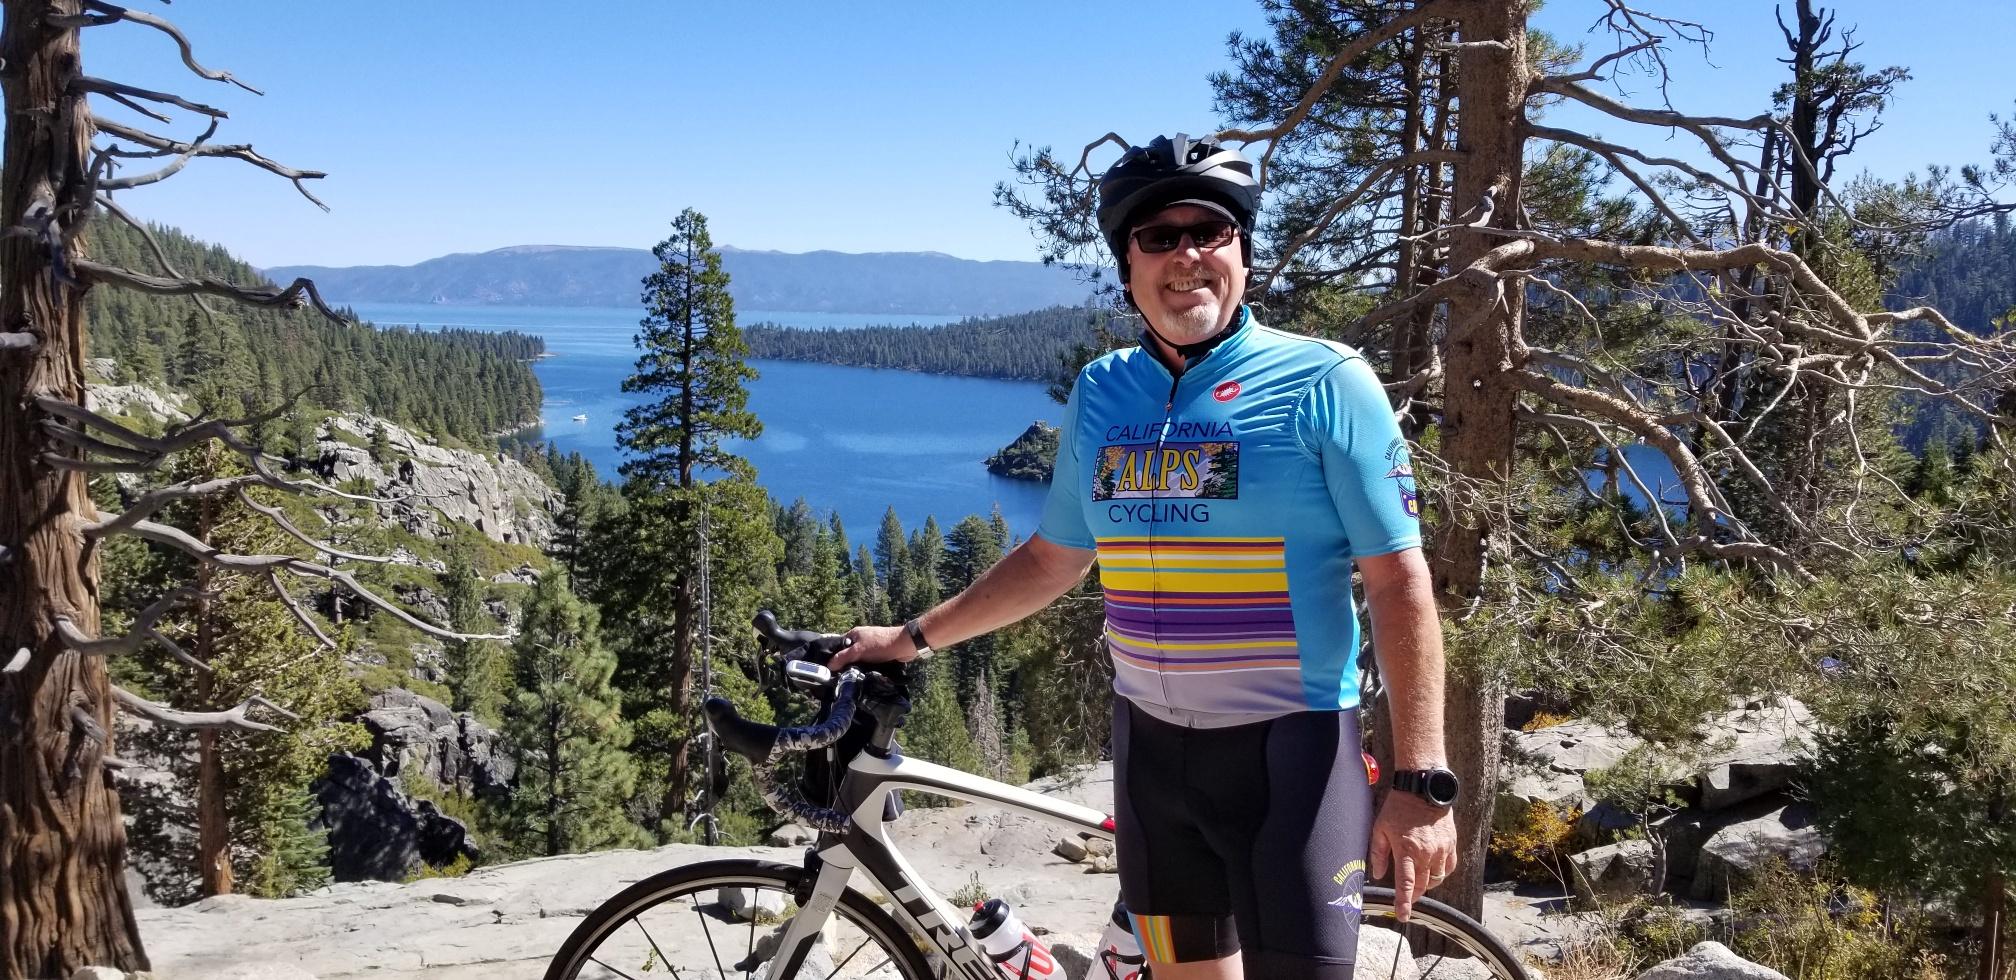 A cycling enjoying the day at Lake Tahoe.